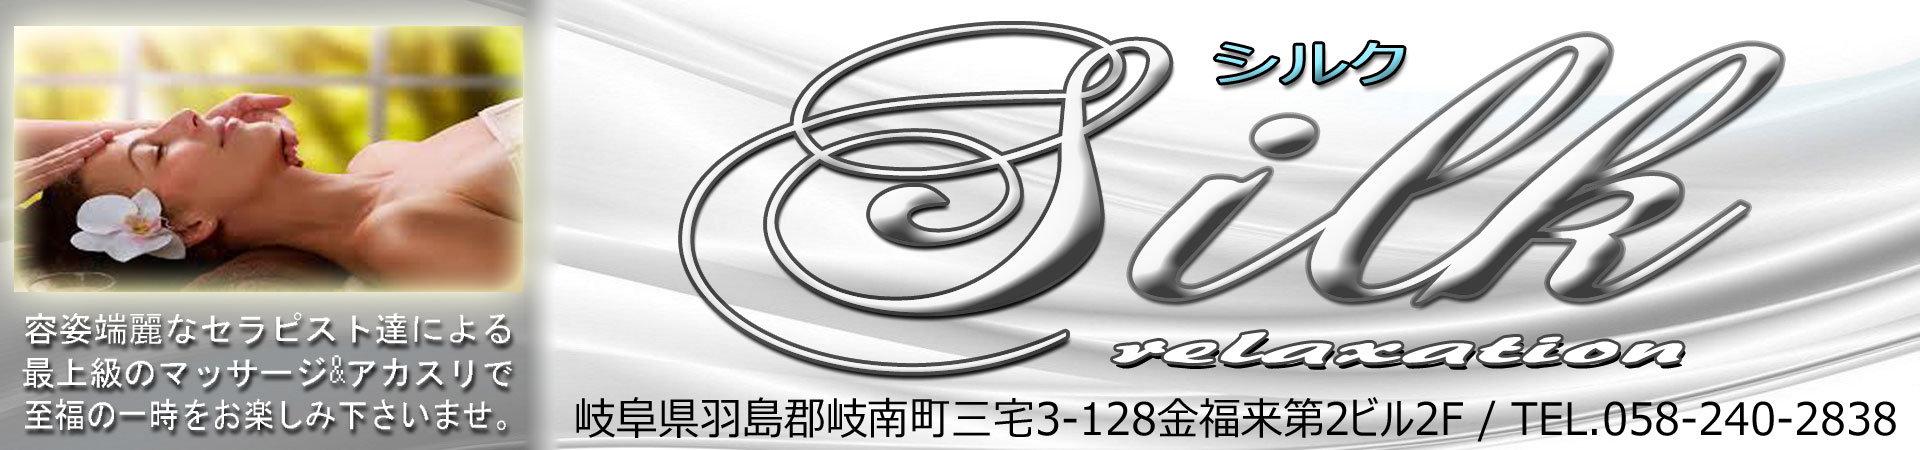 【シルク】岐南/岐阜